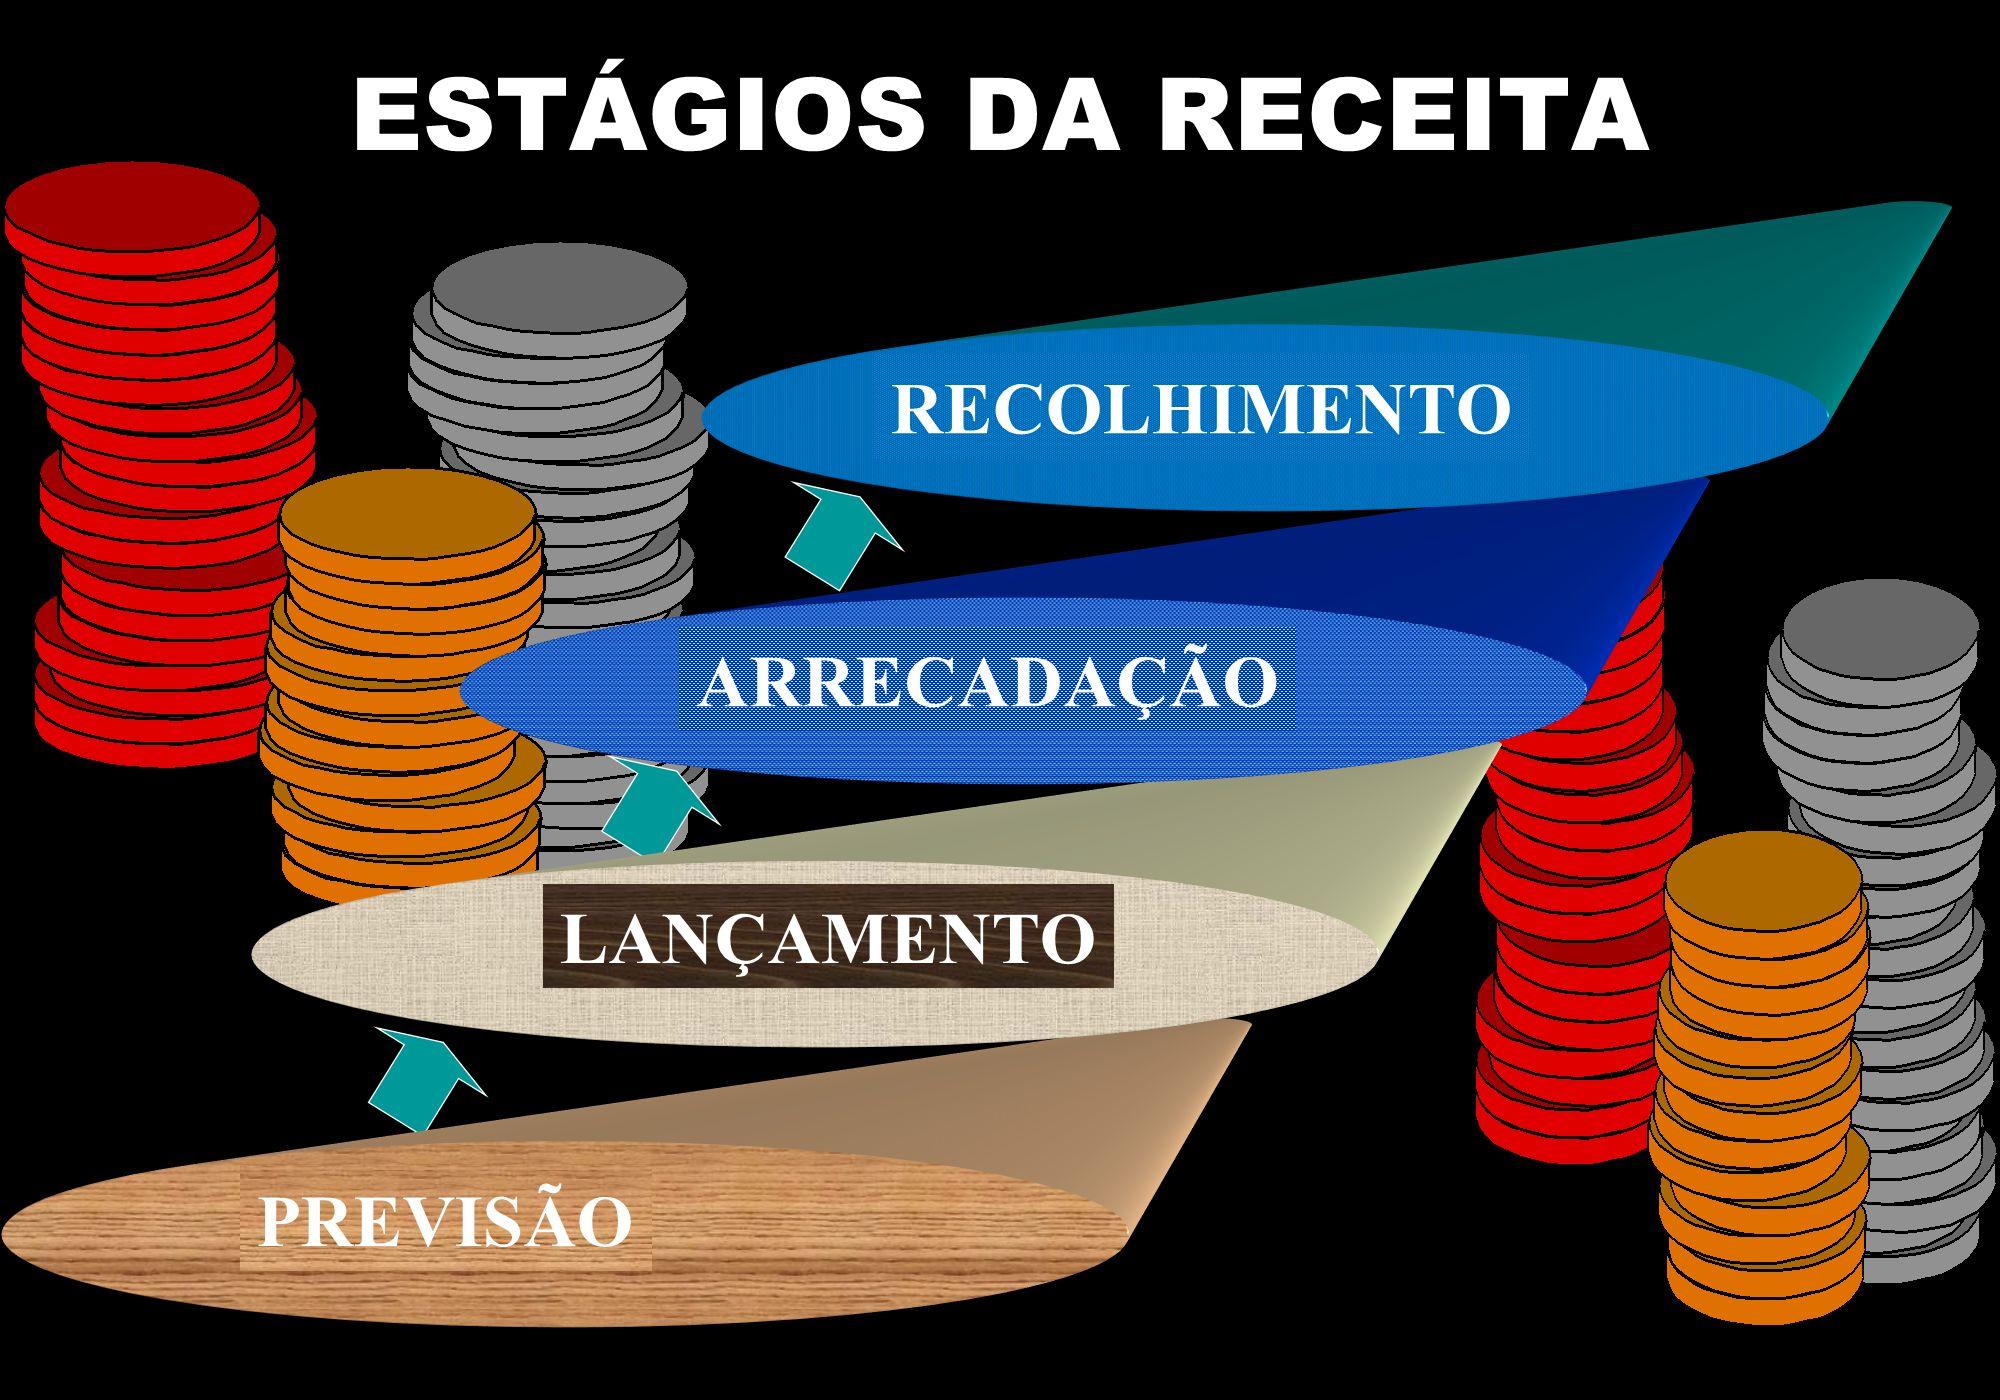 ESTÁGIOS DA RECEITA RECOLHIMENTO . ARRECADAÇÃO LANÇAMENTO PREVISÃO